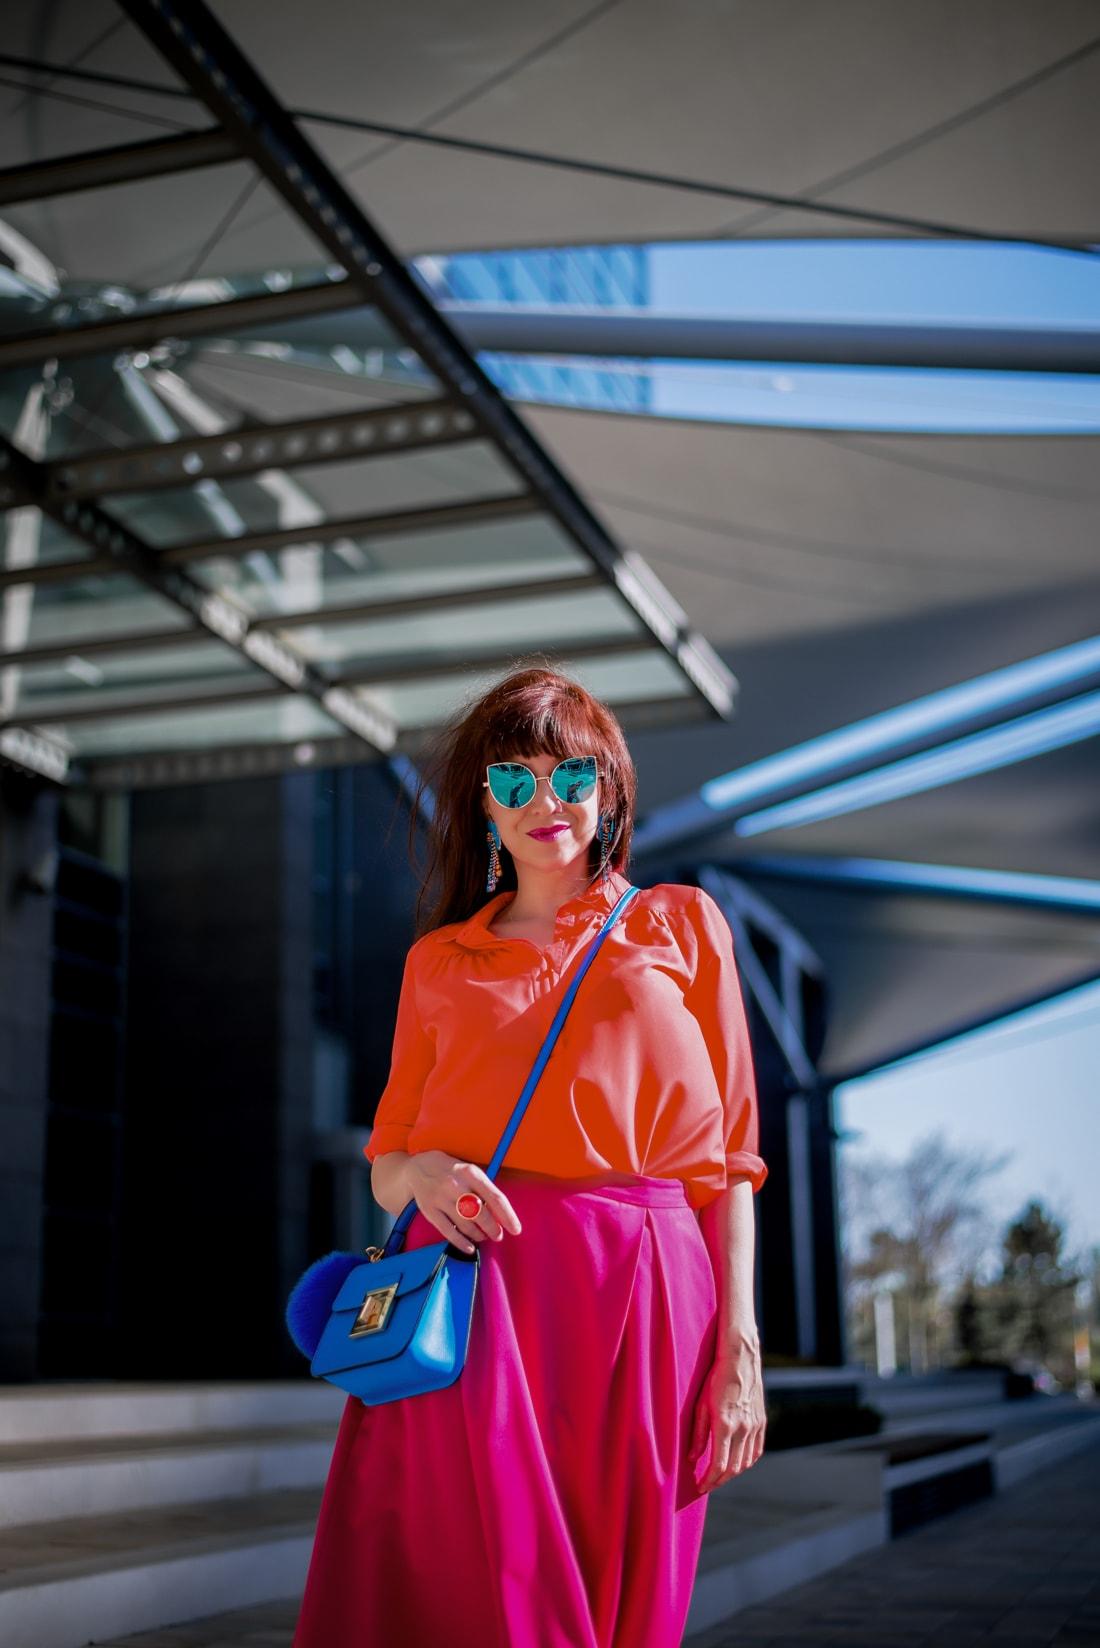 BLOGOVANIE - KDE JE SPRÁVNA HRANICA MEDZI ONLINE A OFFLINE SVETOM?_Katharine-fashion is beautiful_blog 10_Panorama city_Ružová sukňa Topankovo_Modrá kabelka Aldo_Katarína Jakubčová_Fashion blogerka